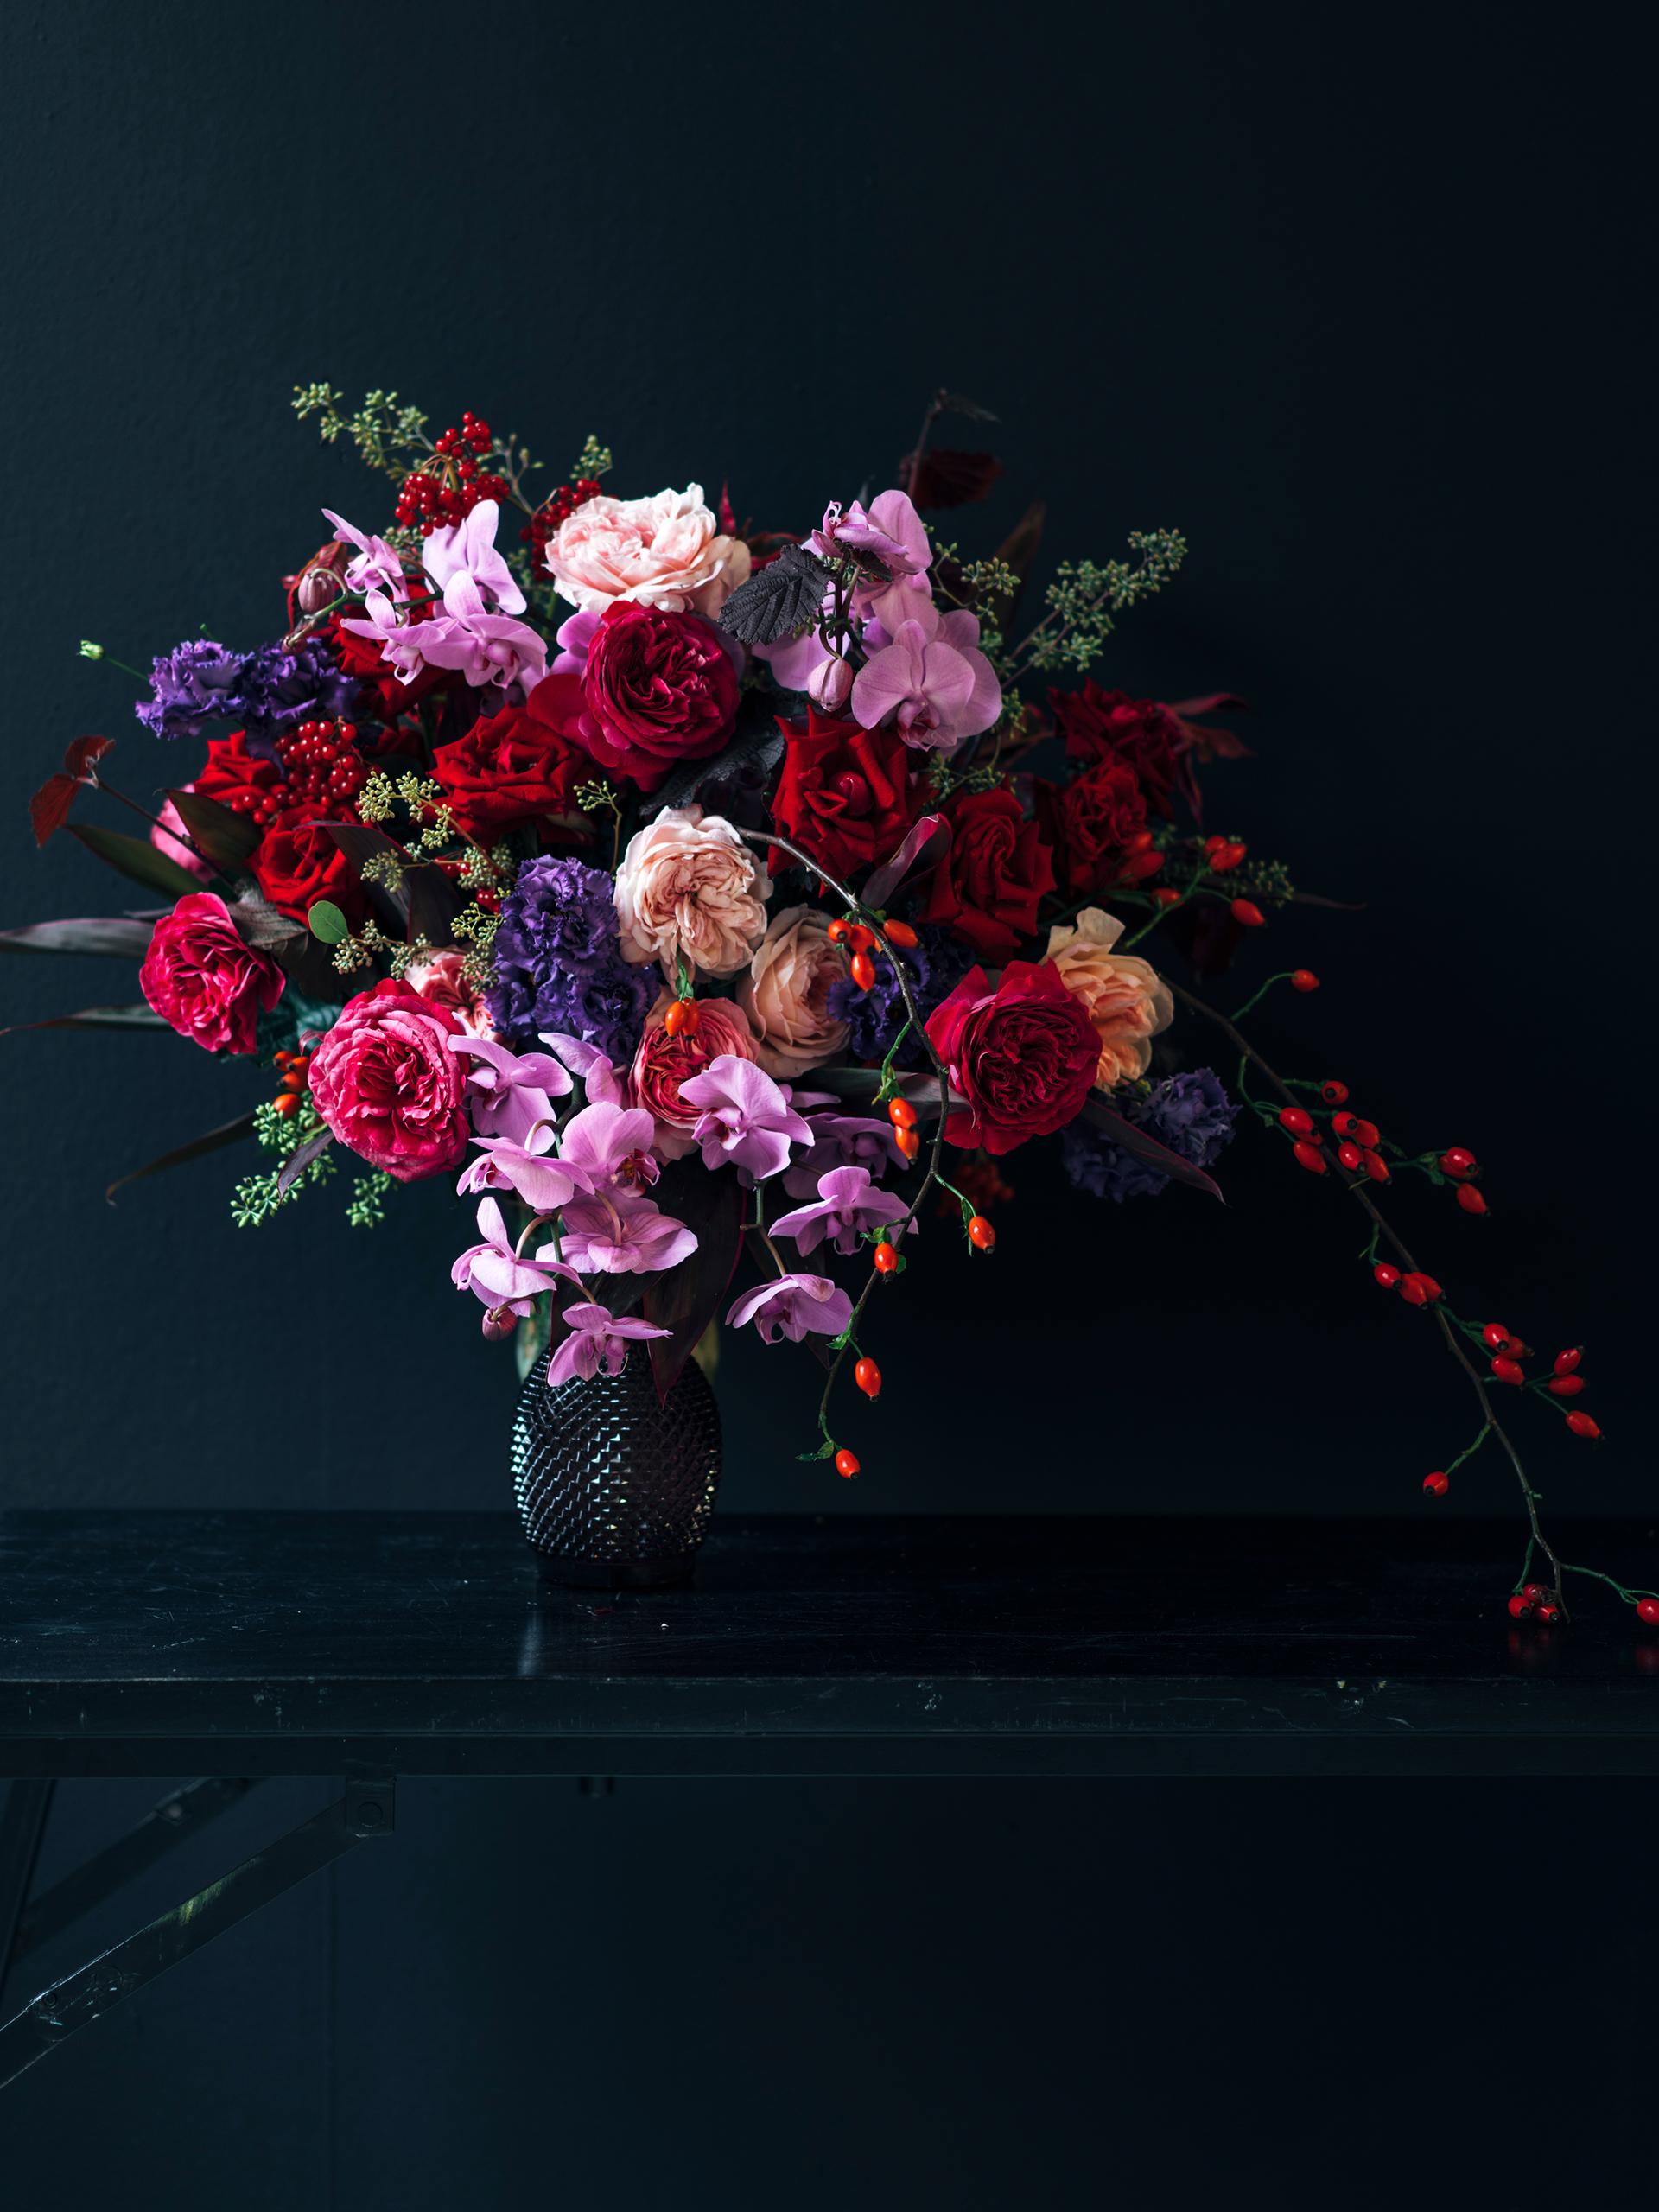 Leuchtendes Blumenbouquet mit Wow-Faktor